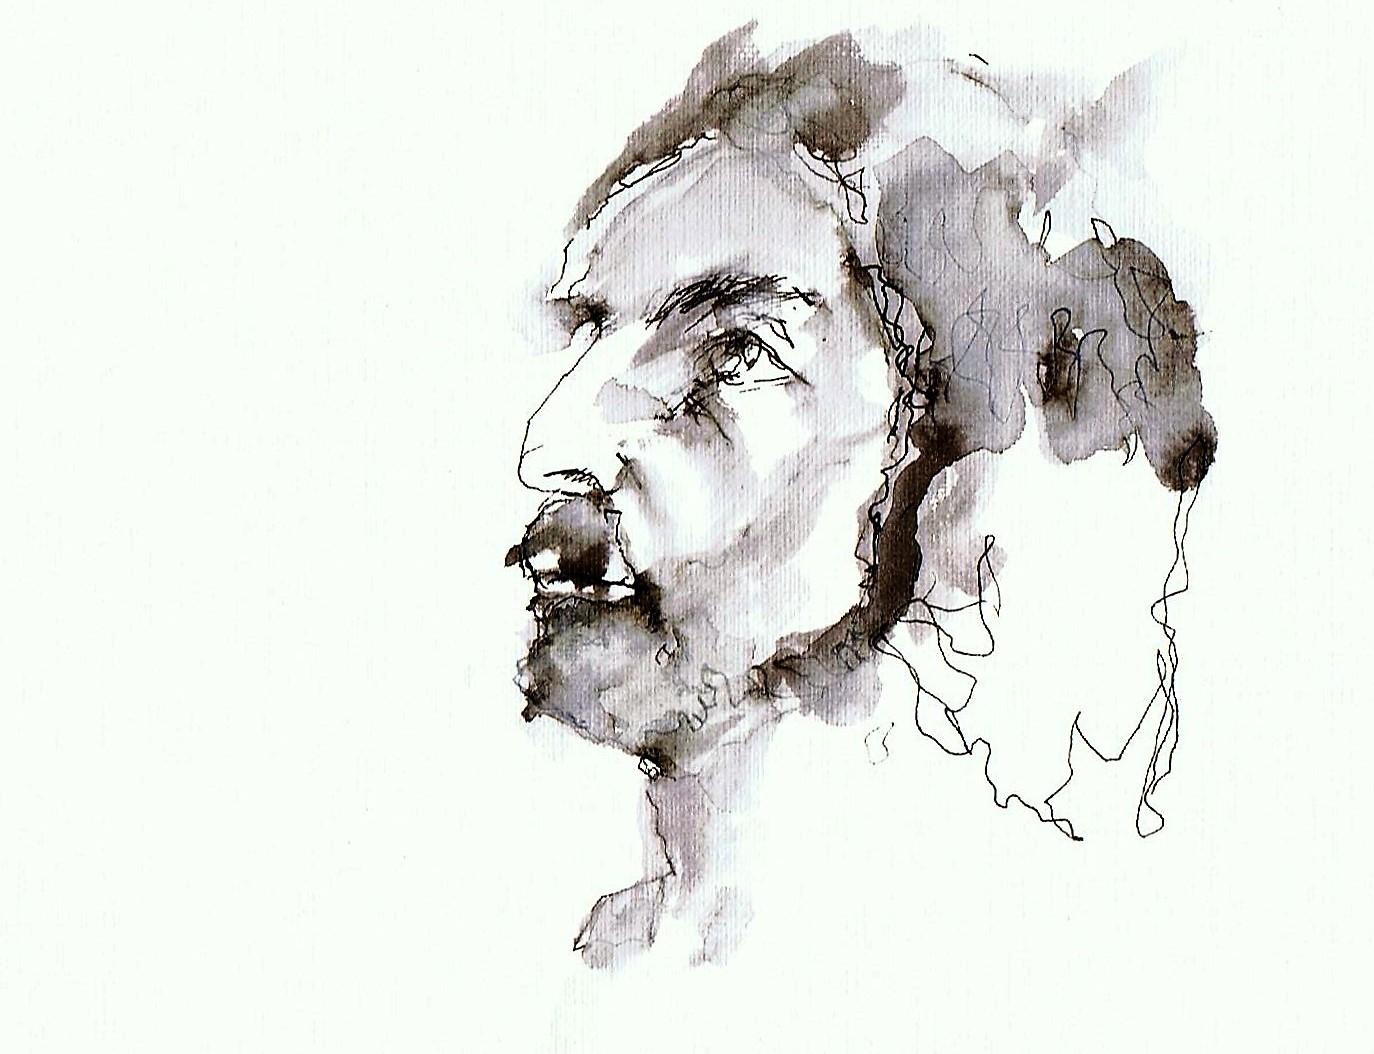 365 dagen een portret 188 MIke, model Inkt gewassen 19c25